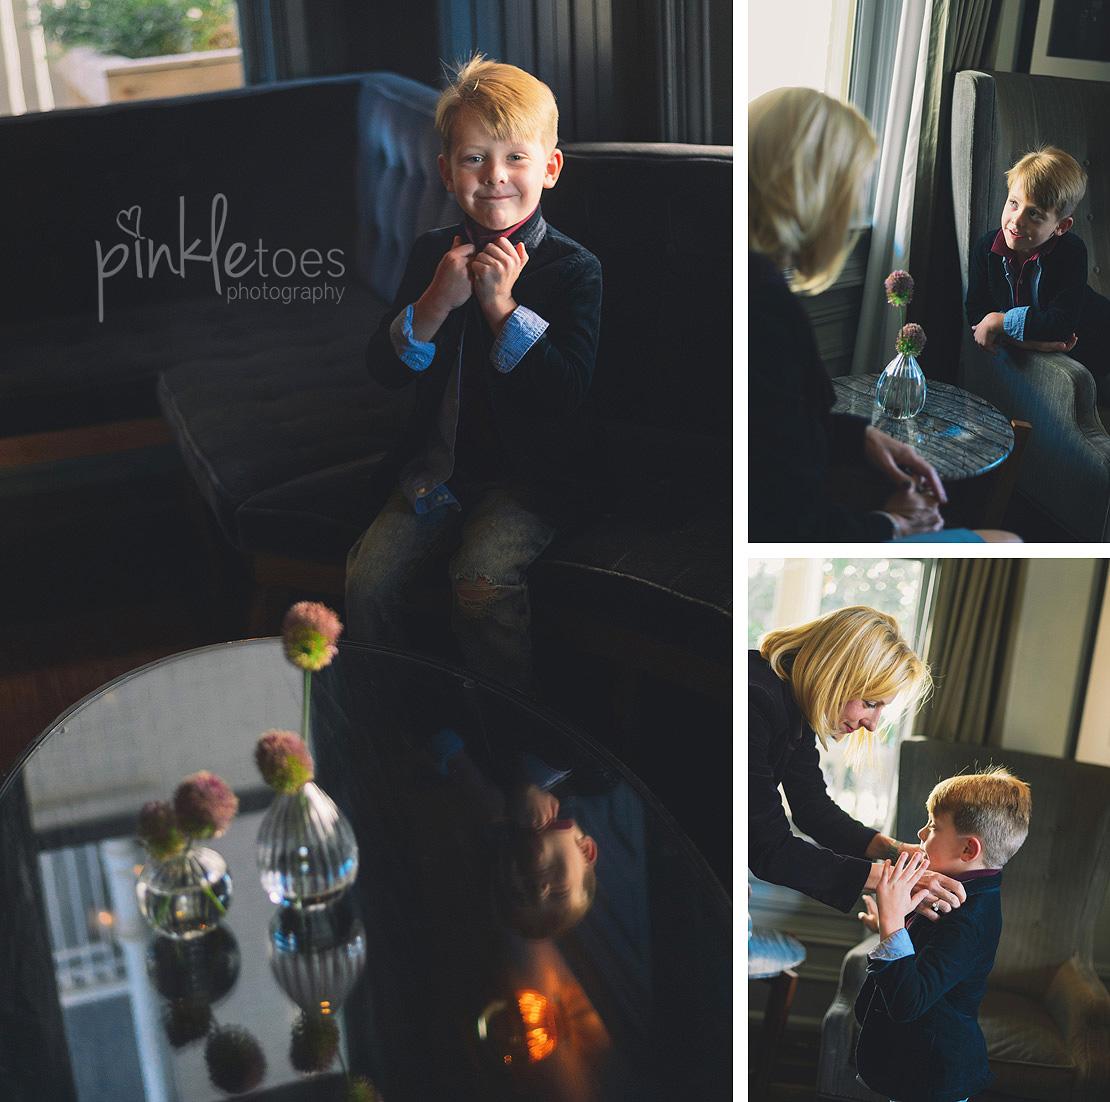 austin-child-model-photographer-kids-elite-photo-session-03